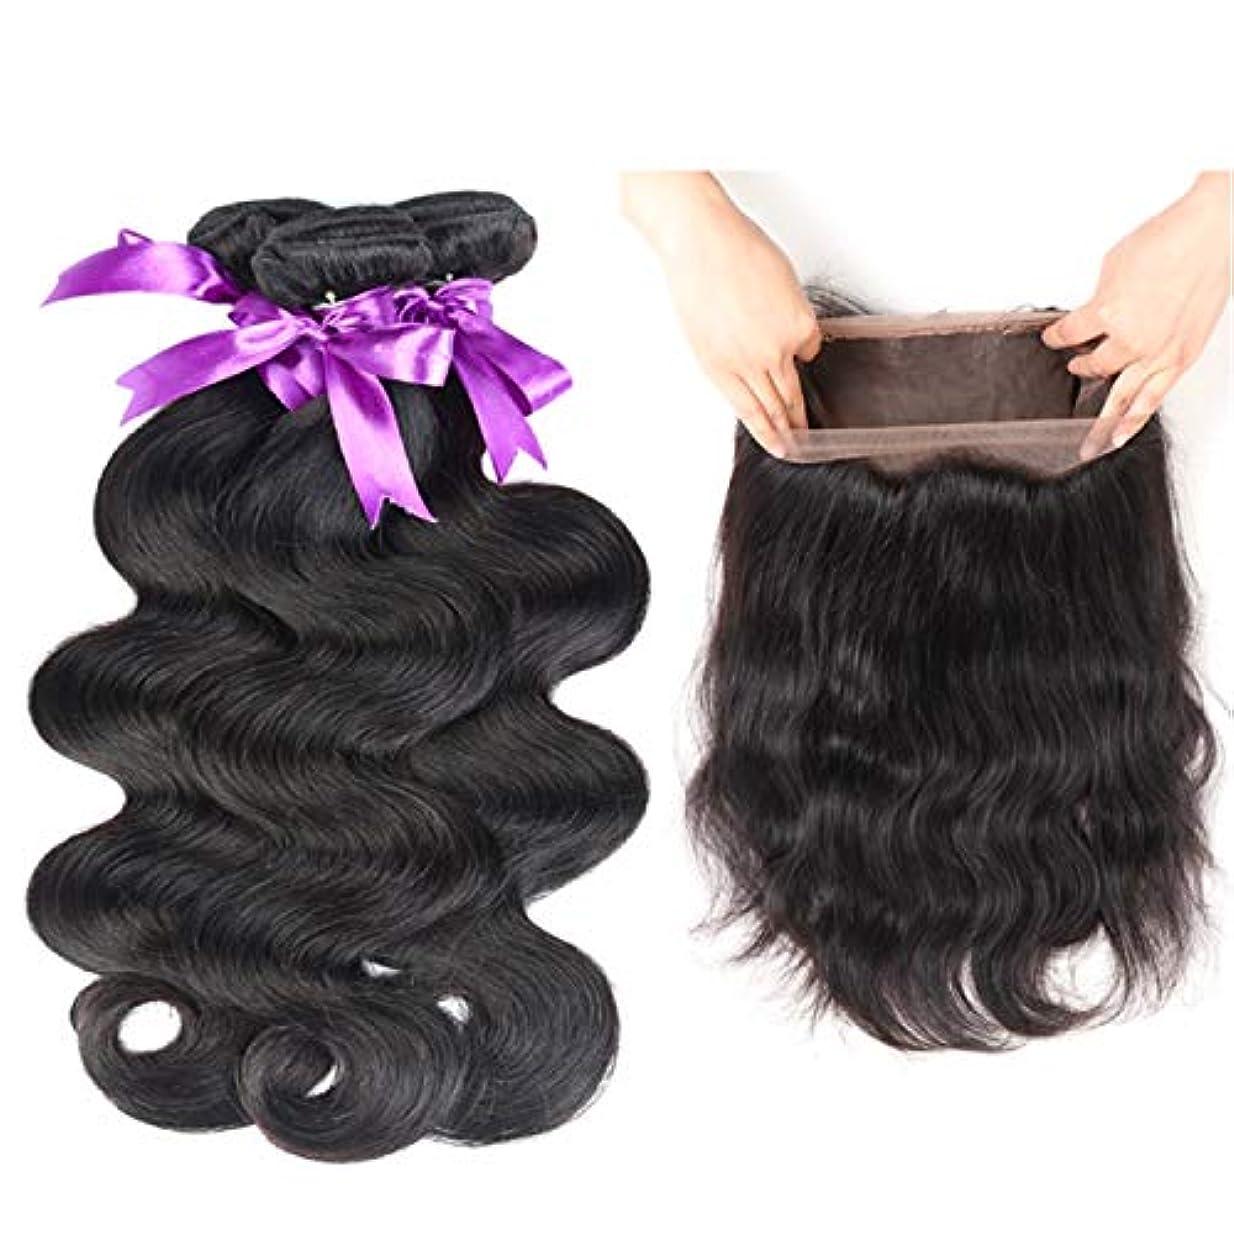 擁する不可能なフィードオンかつら ブラジルの実体波3バンドルで360レース前頭閉鎖髪織りバンドル非レミー人間の髪の毛 (Length : 18 18 20 Closure16)